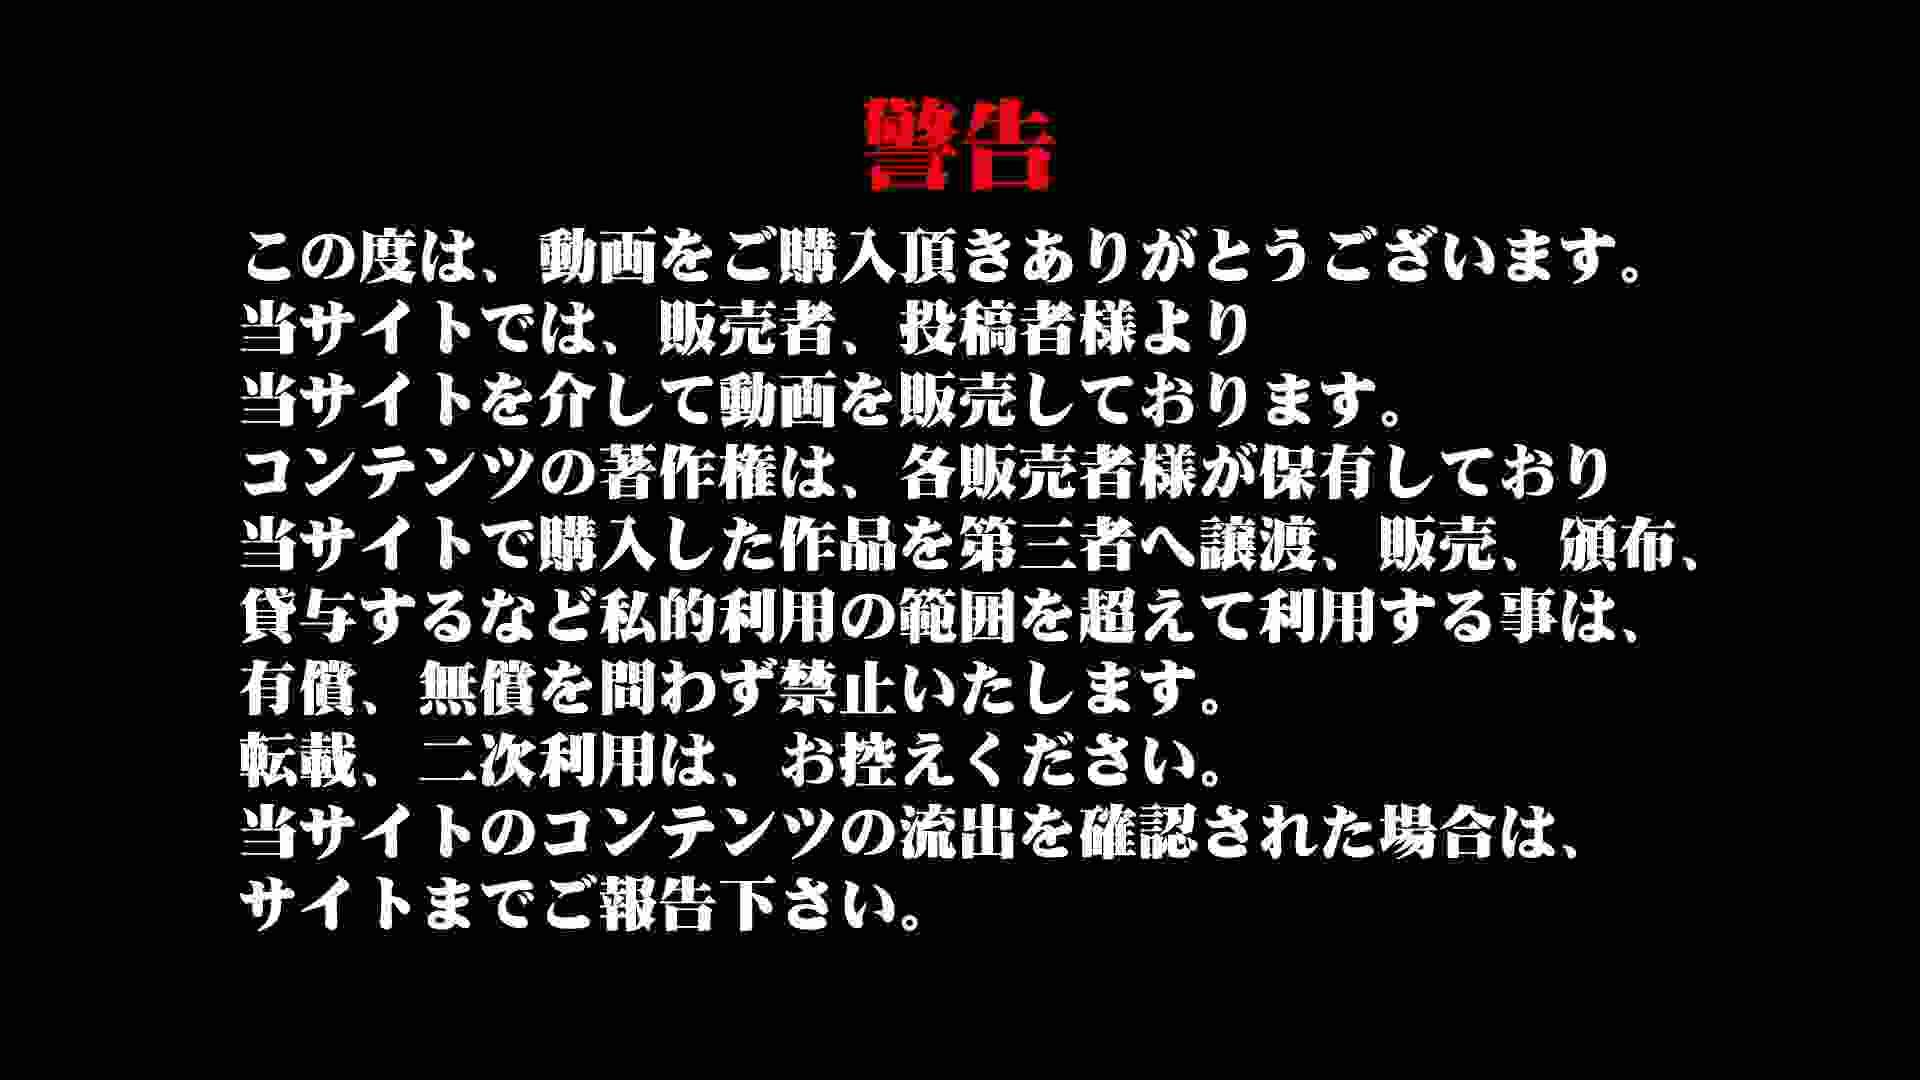 Aquaな露天風呂Vol.908 OLのエロ生活  28連発 6